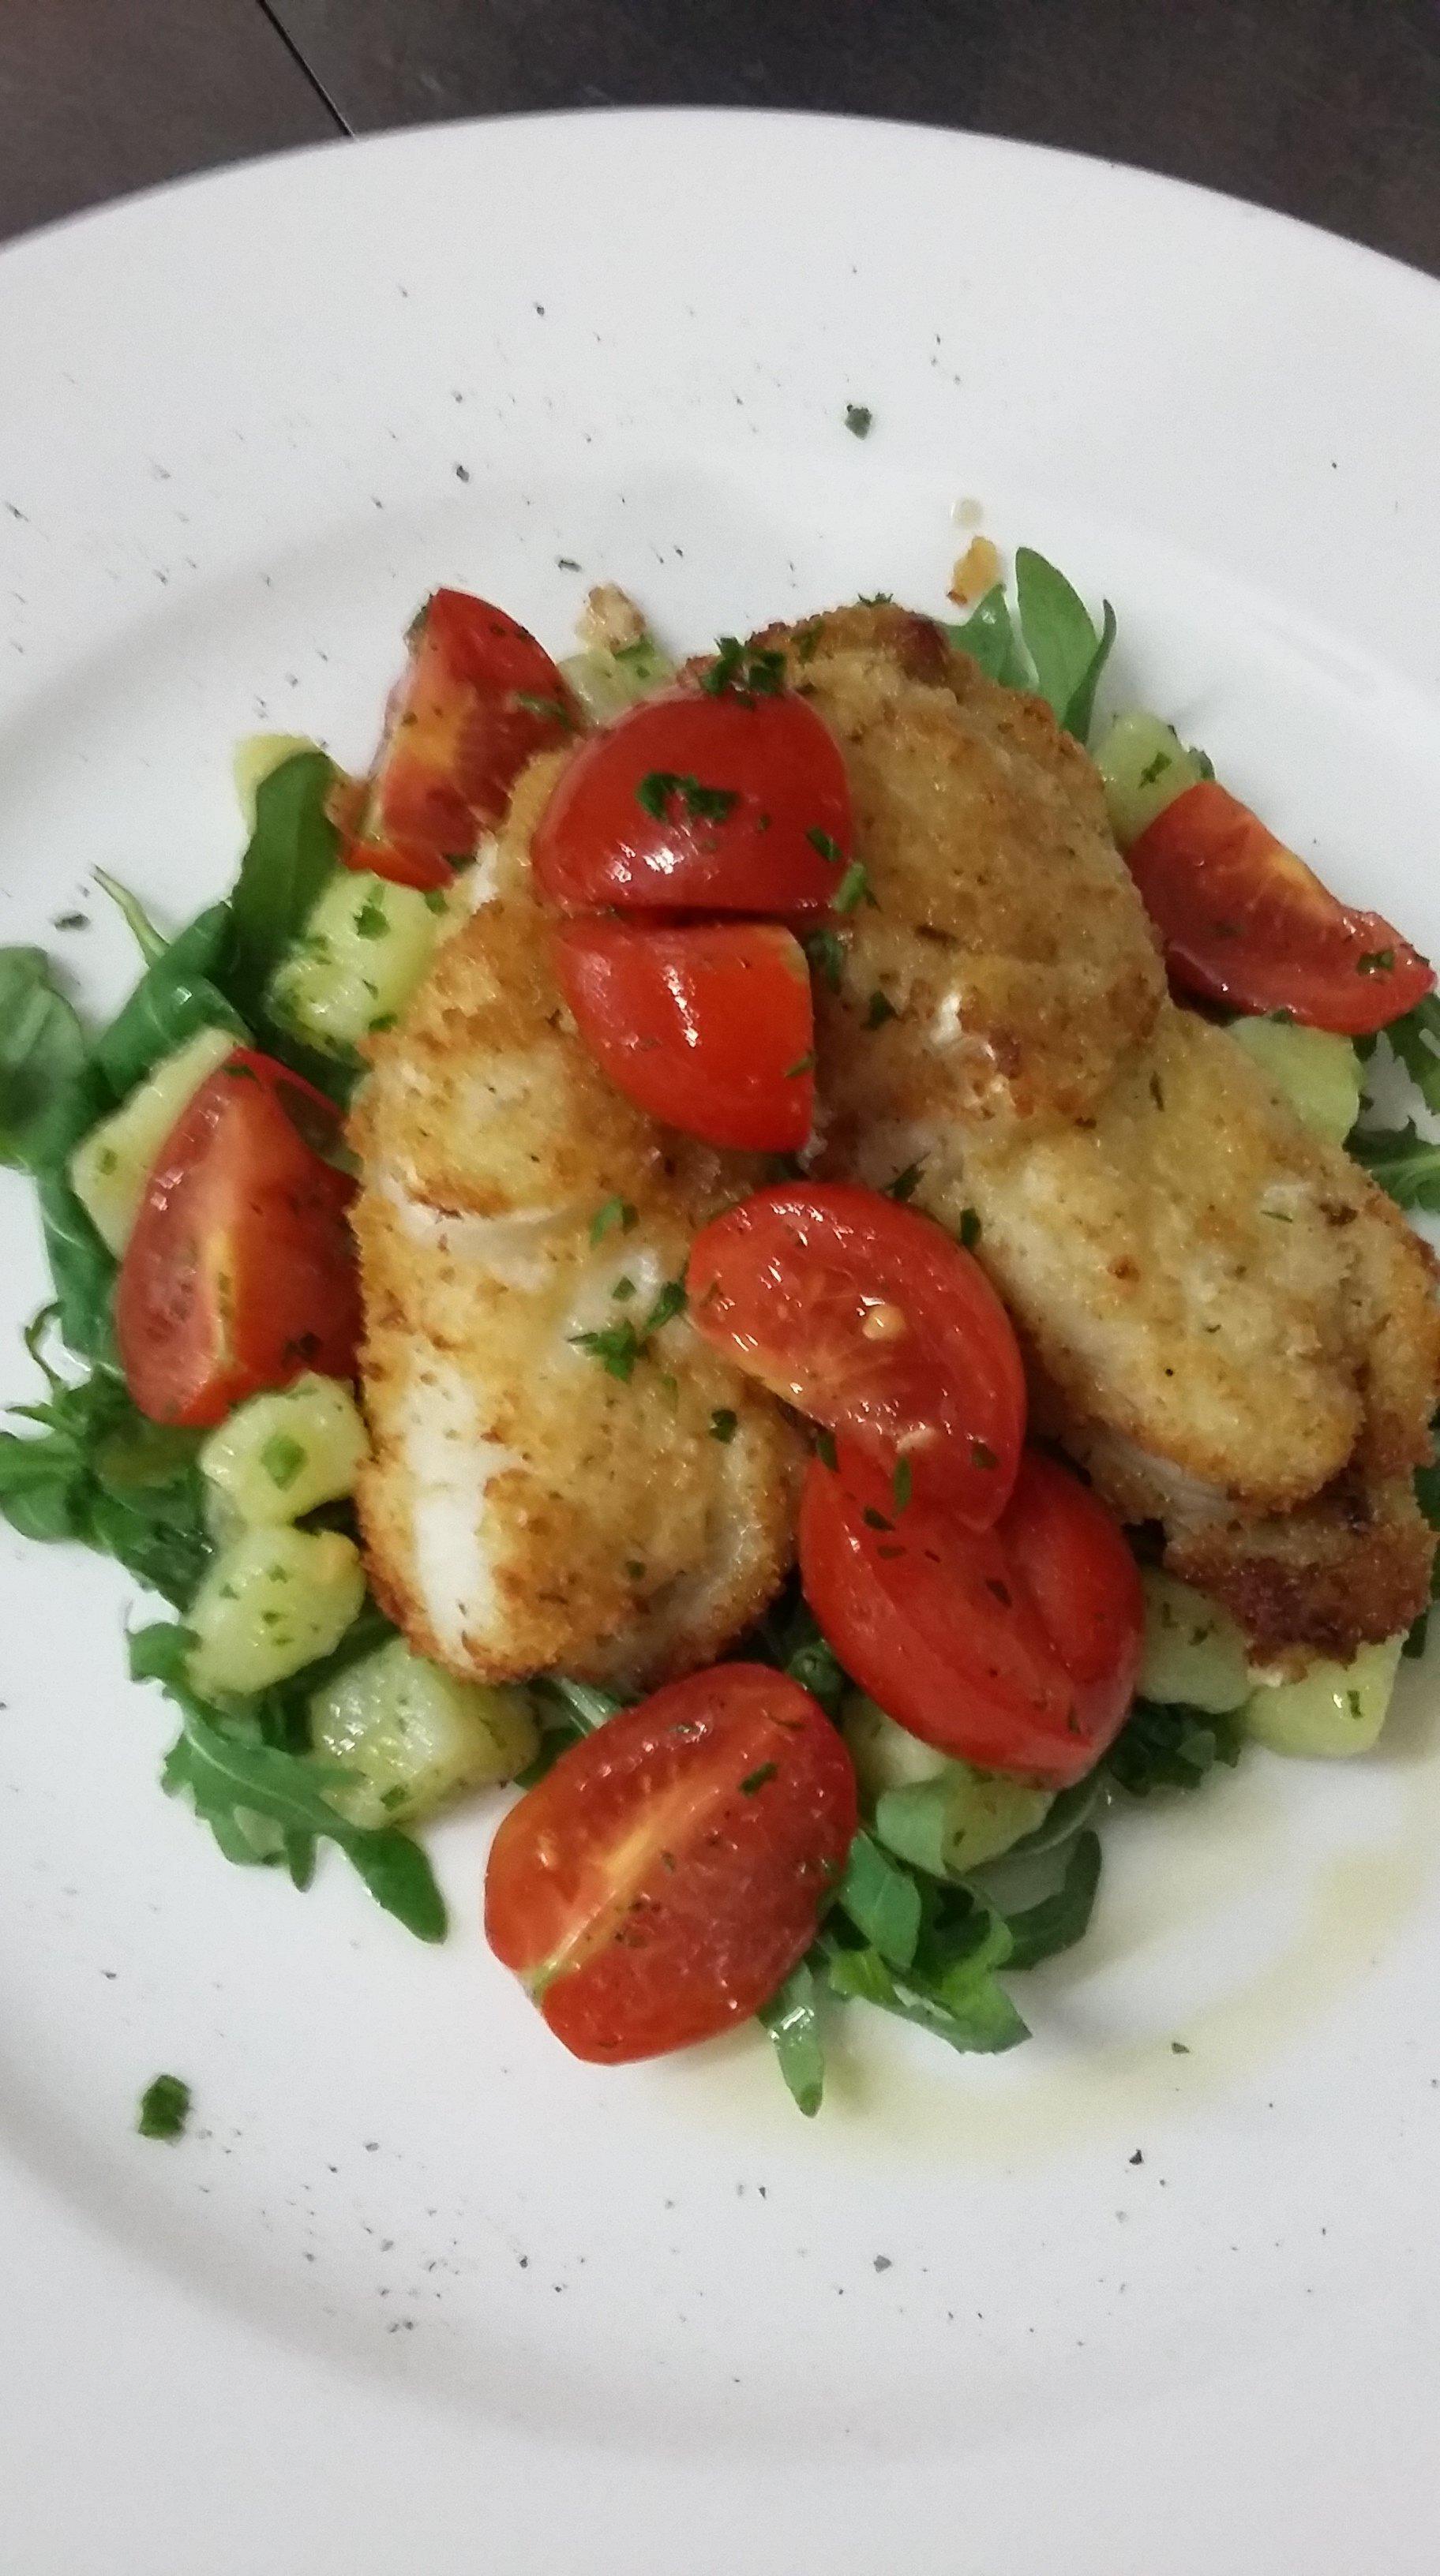 piatto di pollo con pomodori, patate e rucola